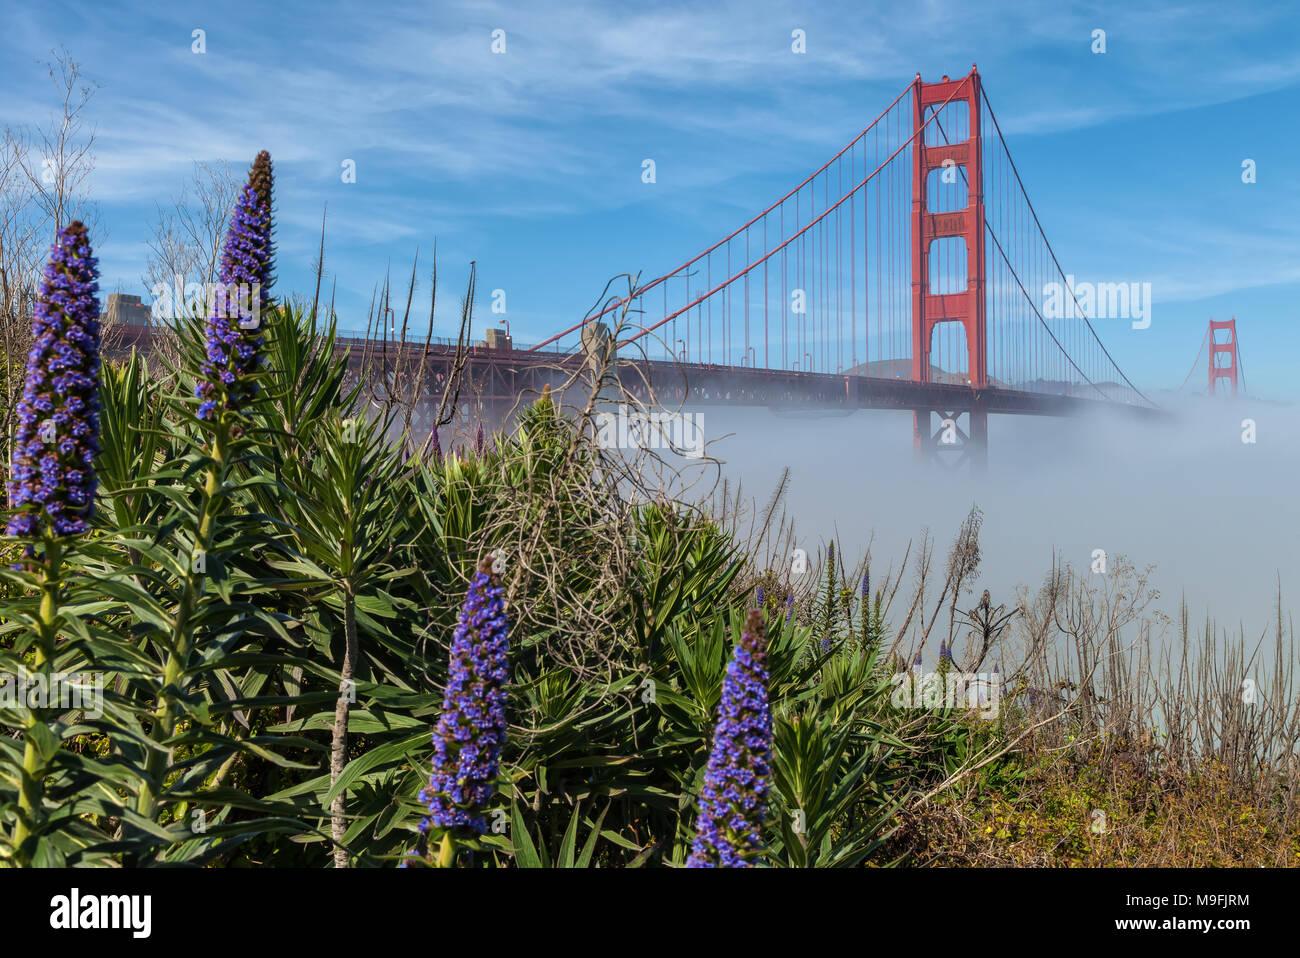 Die berühmte Golden Gate Bridge, mit niedrigen Nebel unter der Brücke, auf einem frühen Frühling Morgen, San Francisco, Kalifornien, USA. Stockbild